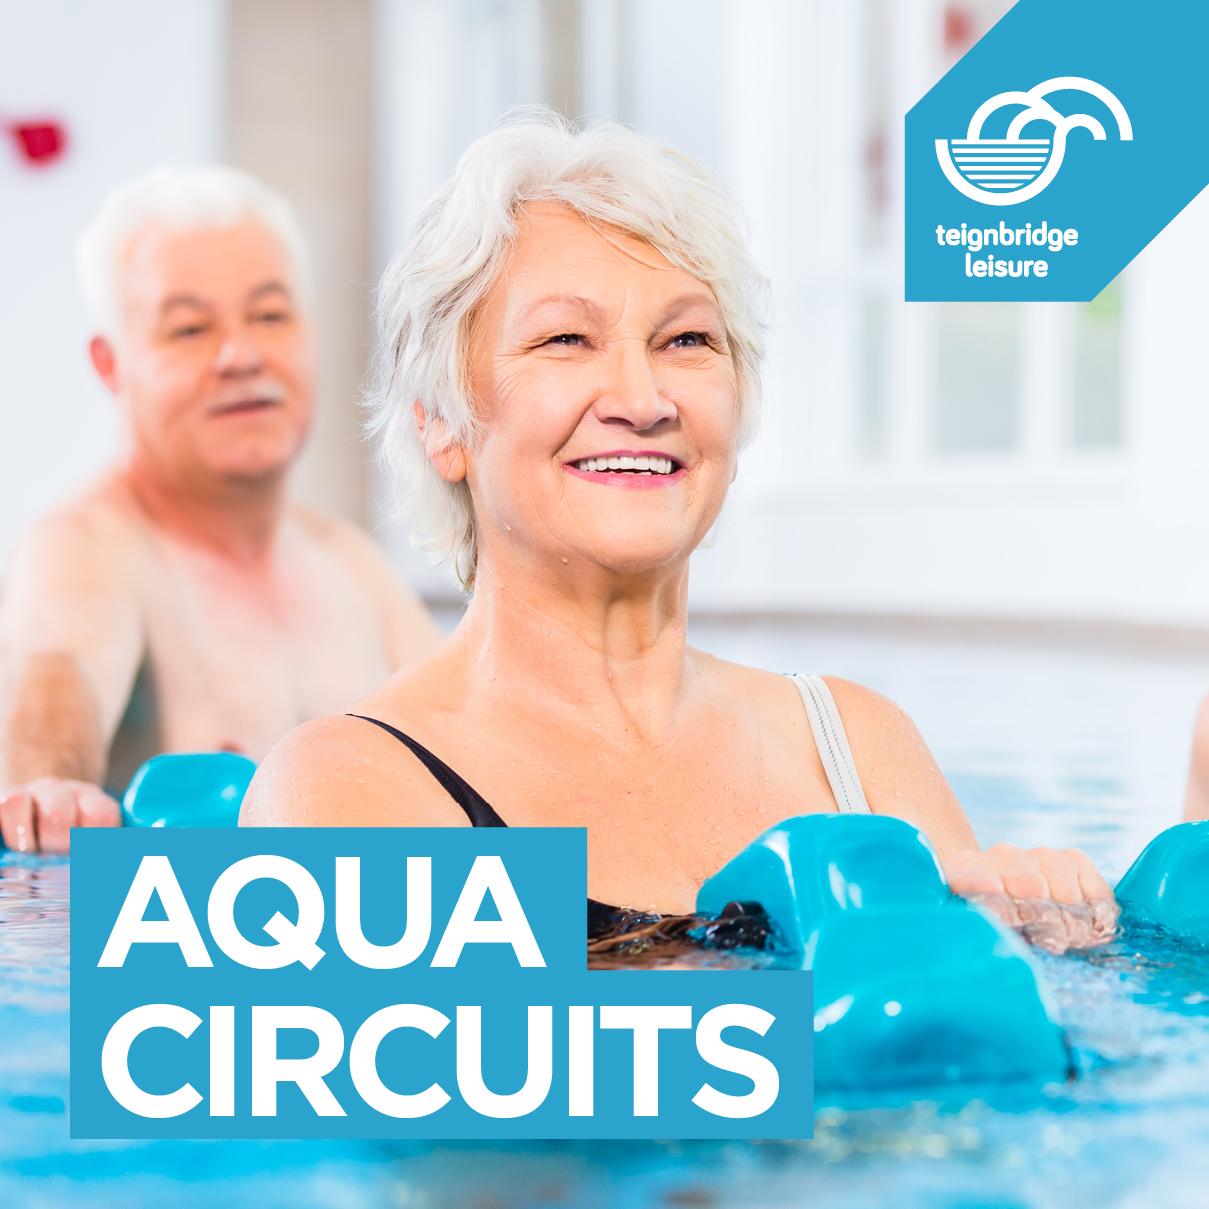 Aqua Circuits